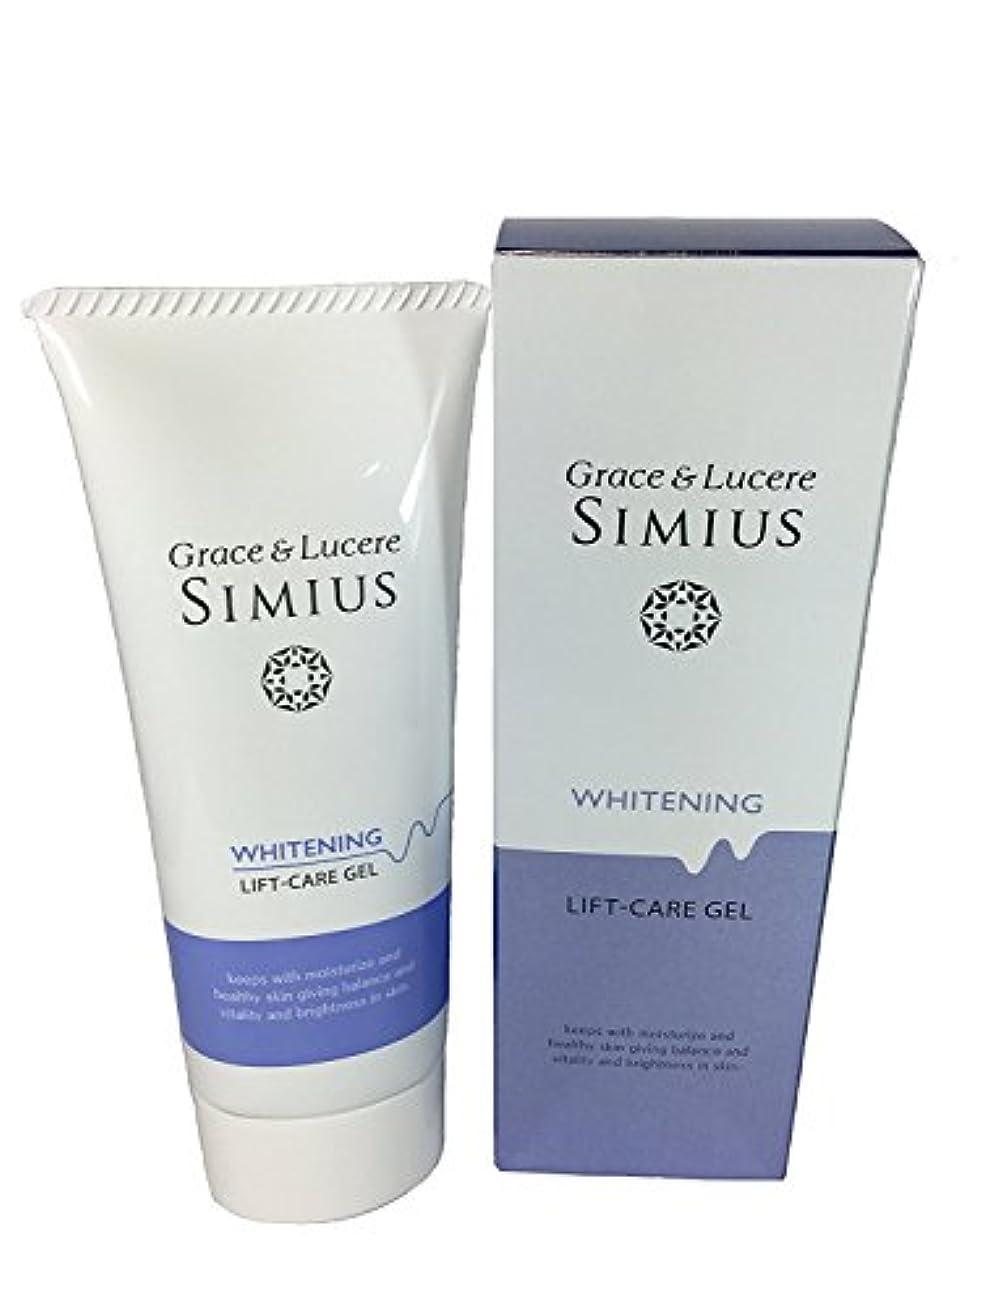 磁石アルコールピアースGrace & Lucere Simius ホワイトニング リフトケアジェル 60g オールインワンジェル チューブタイプ